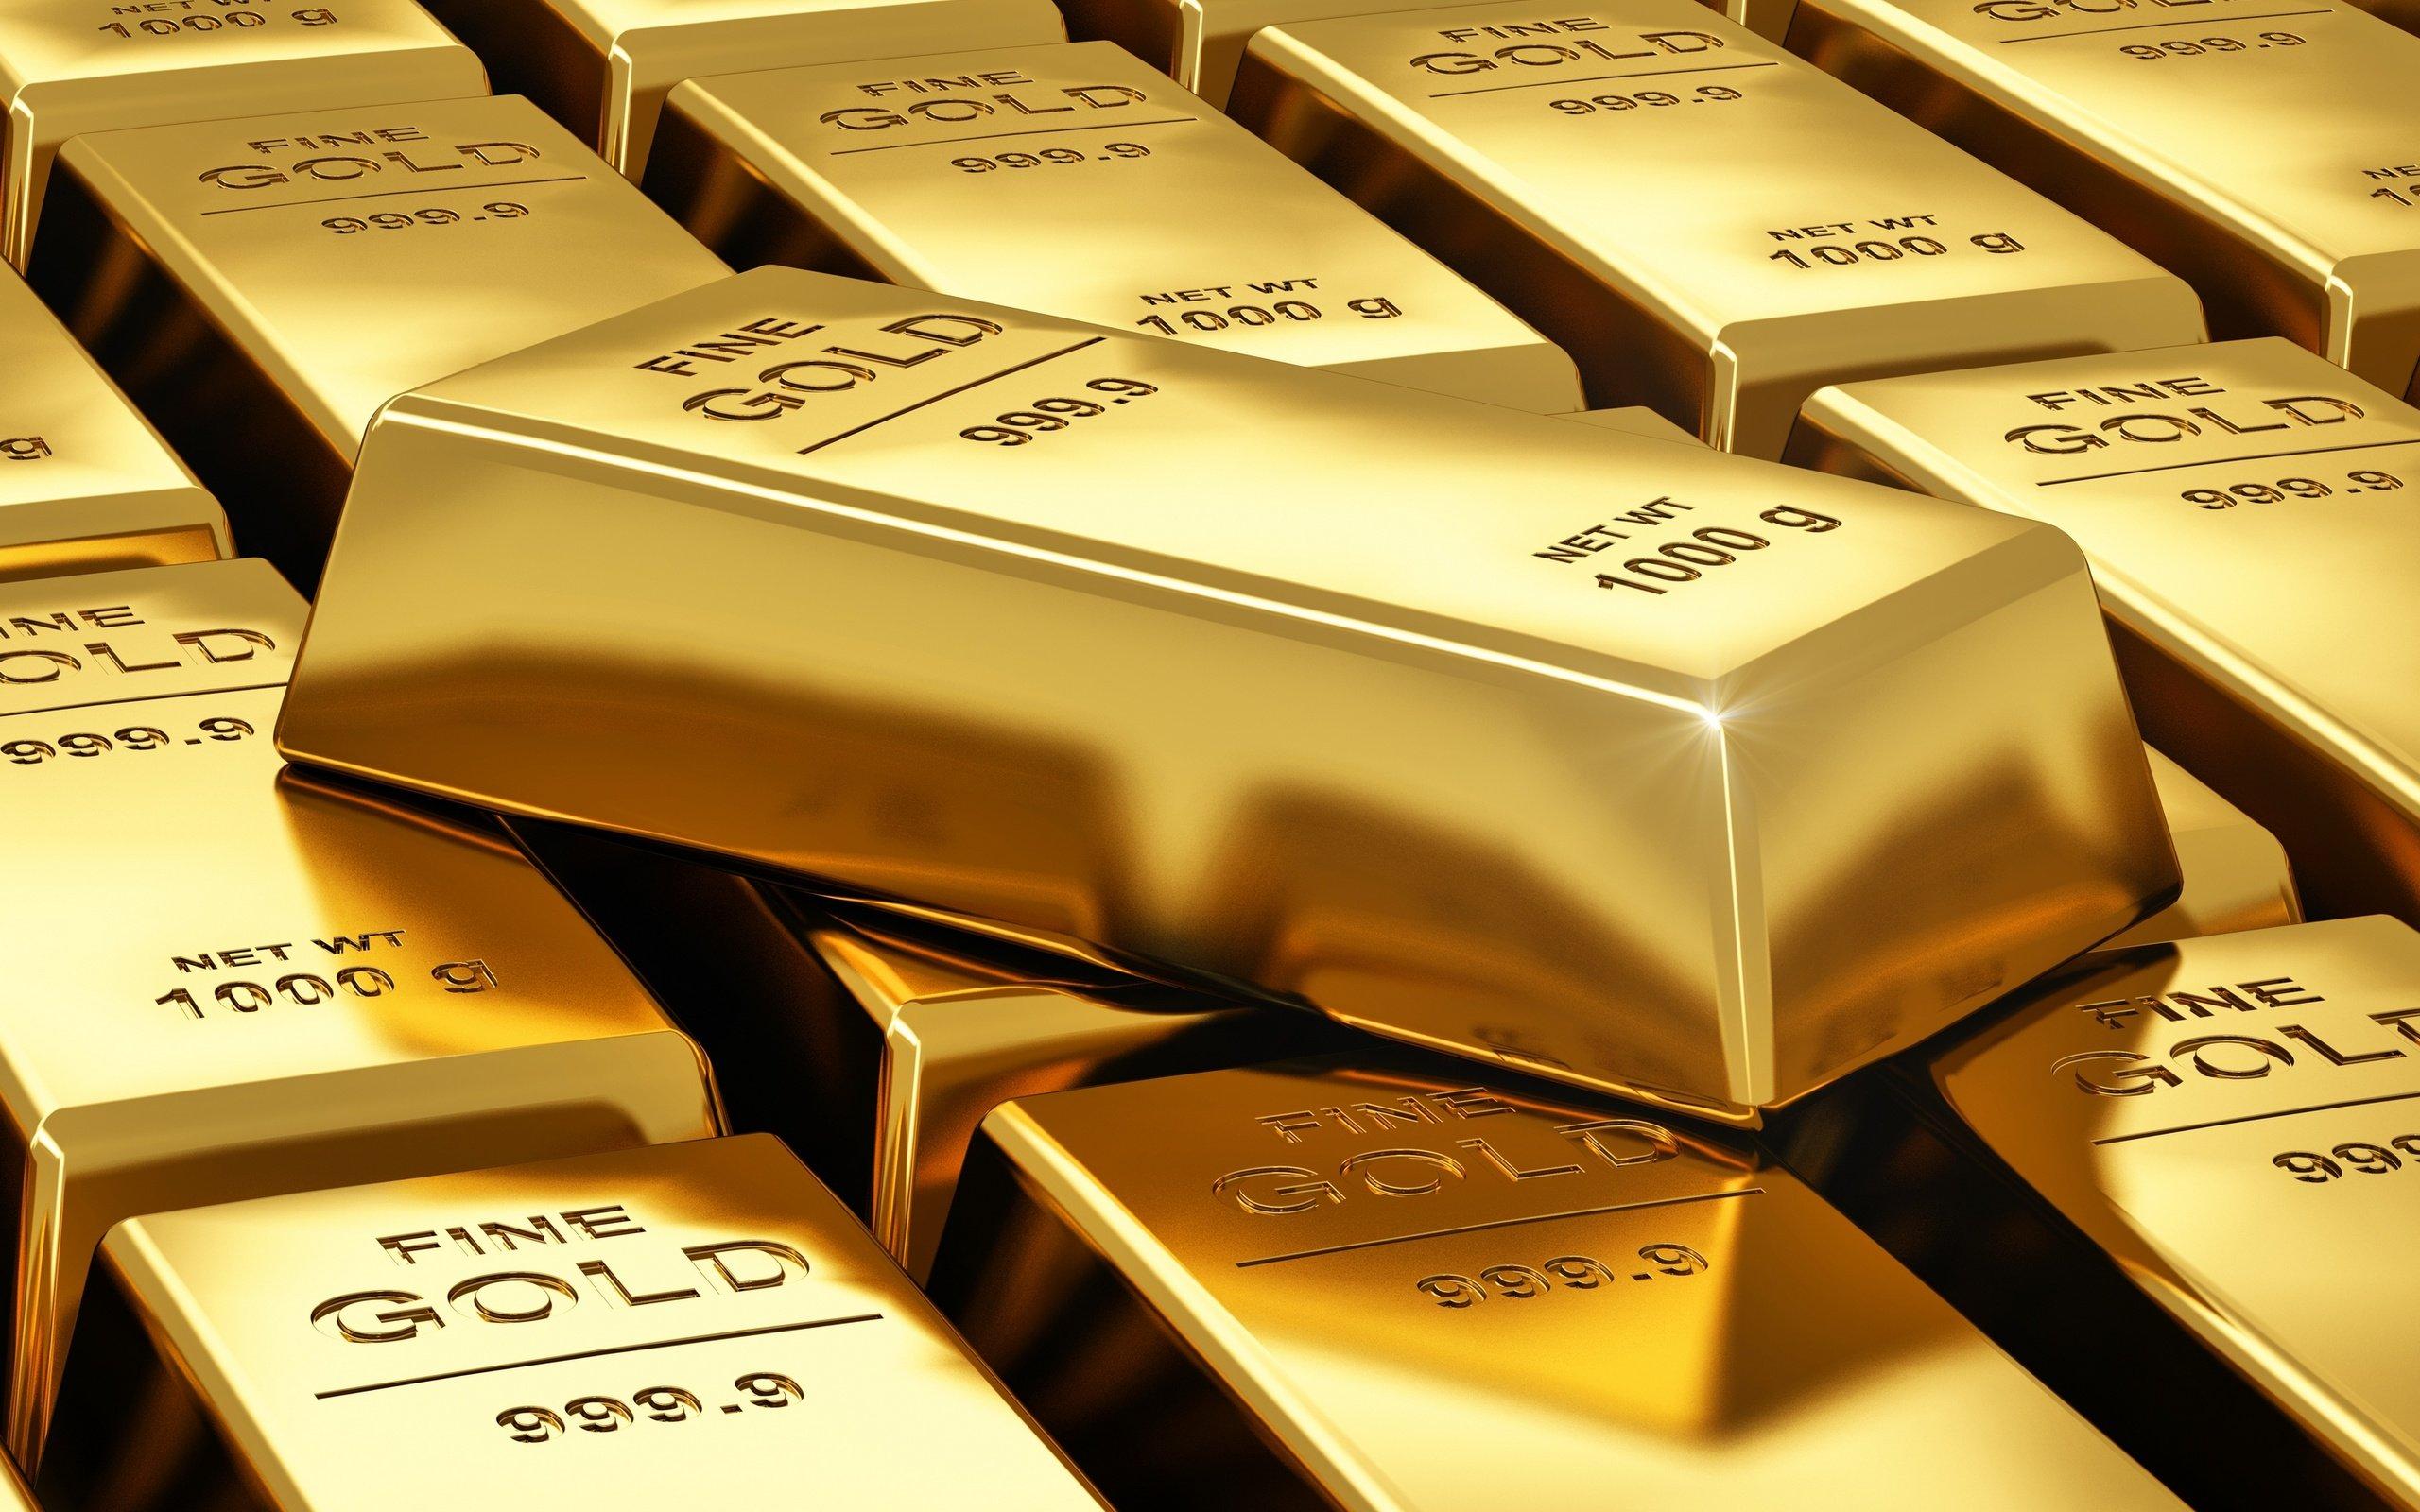 Прогноз цен на золото на 2021 год: можно ли заработать на драгоценном металле в будущем году